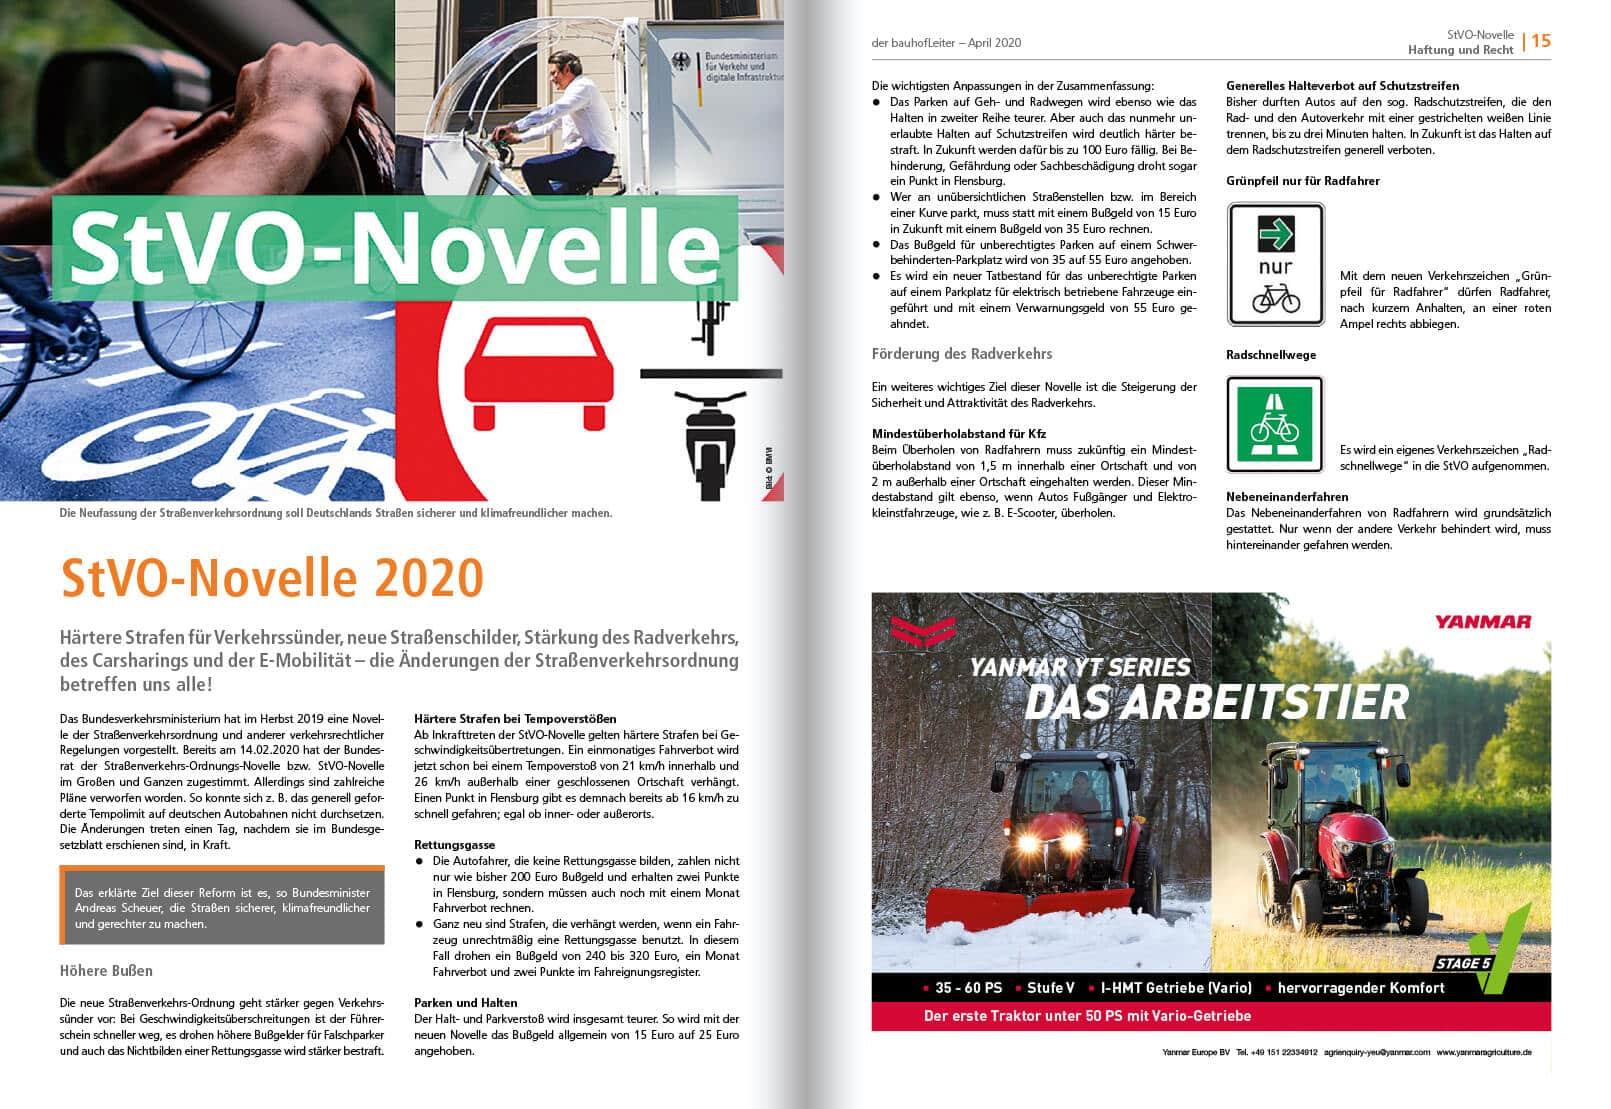 2020-04 StvO-Novelle 1